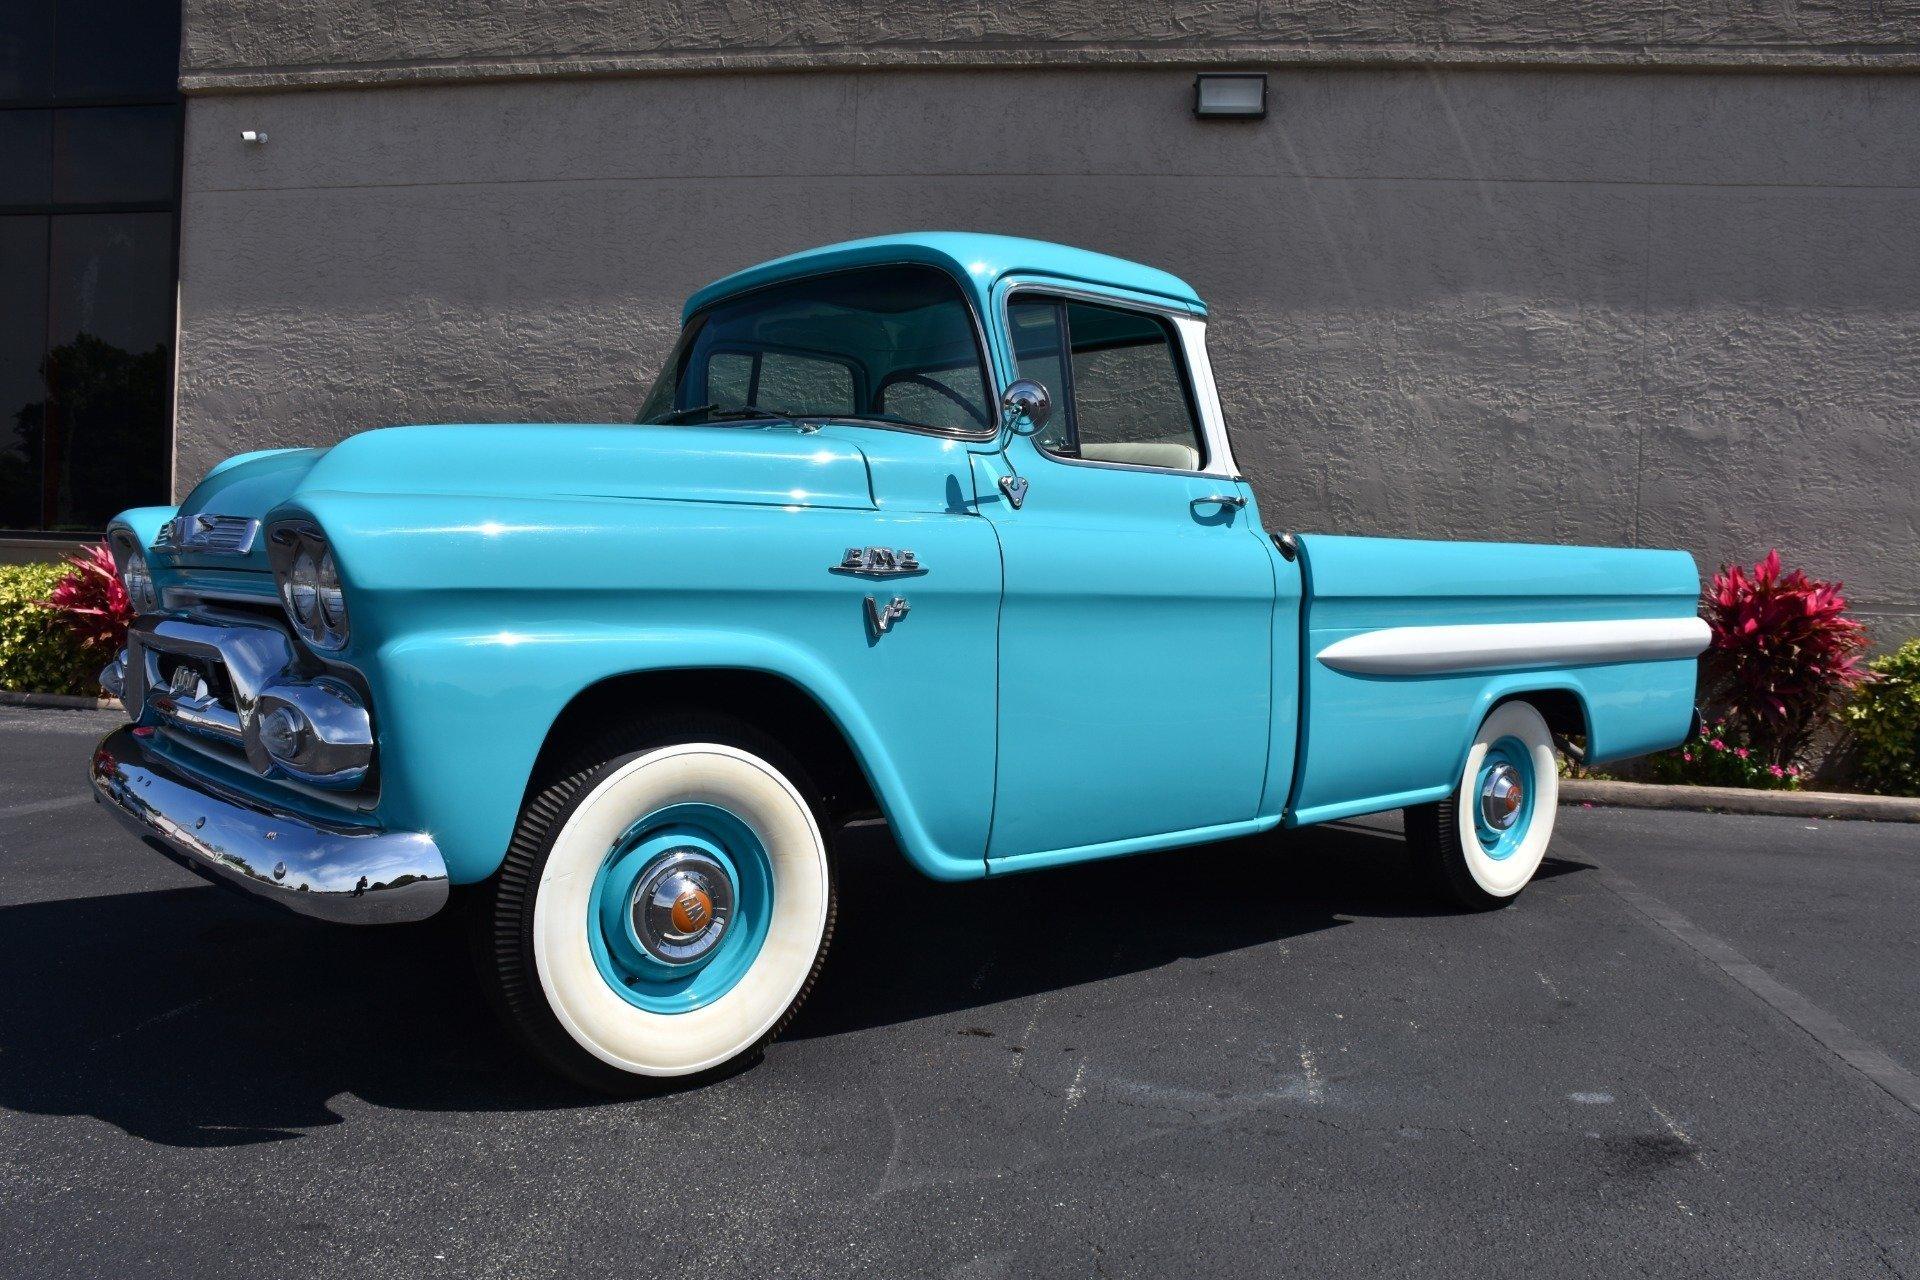 1959 GMC 100 Pick Up | Ideal Classic Cars LLC